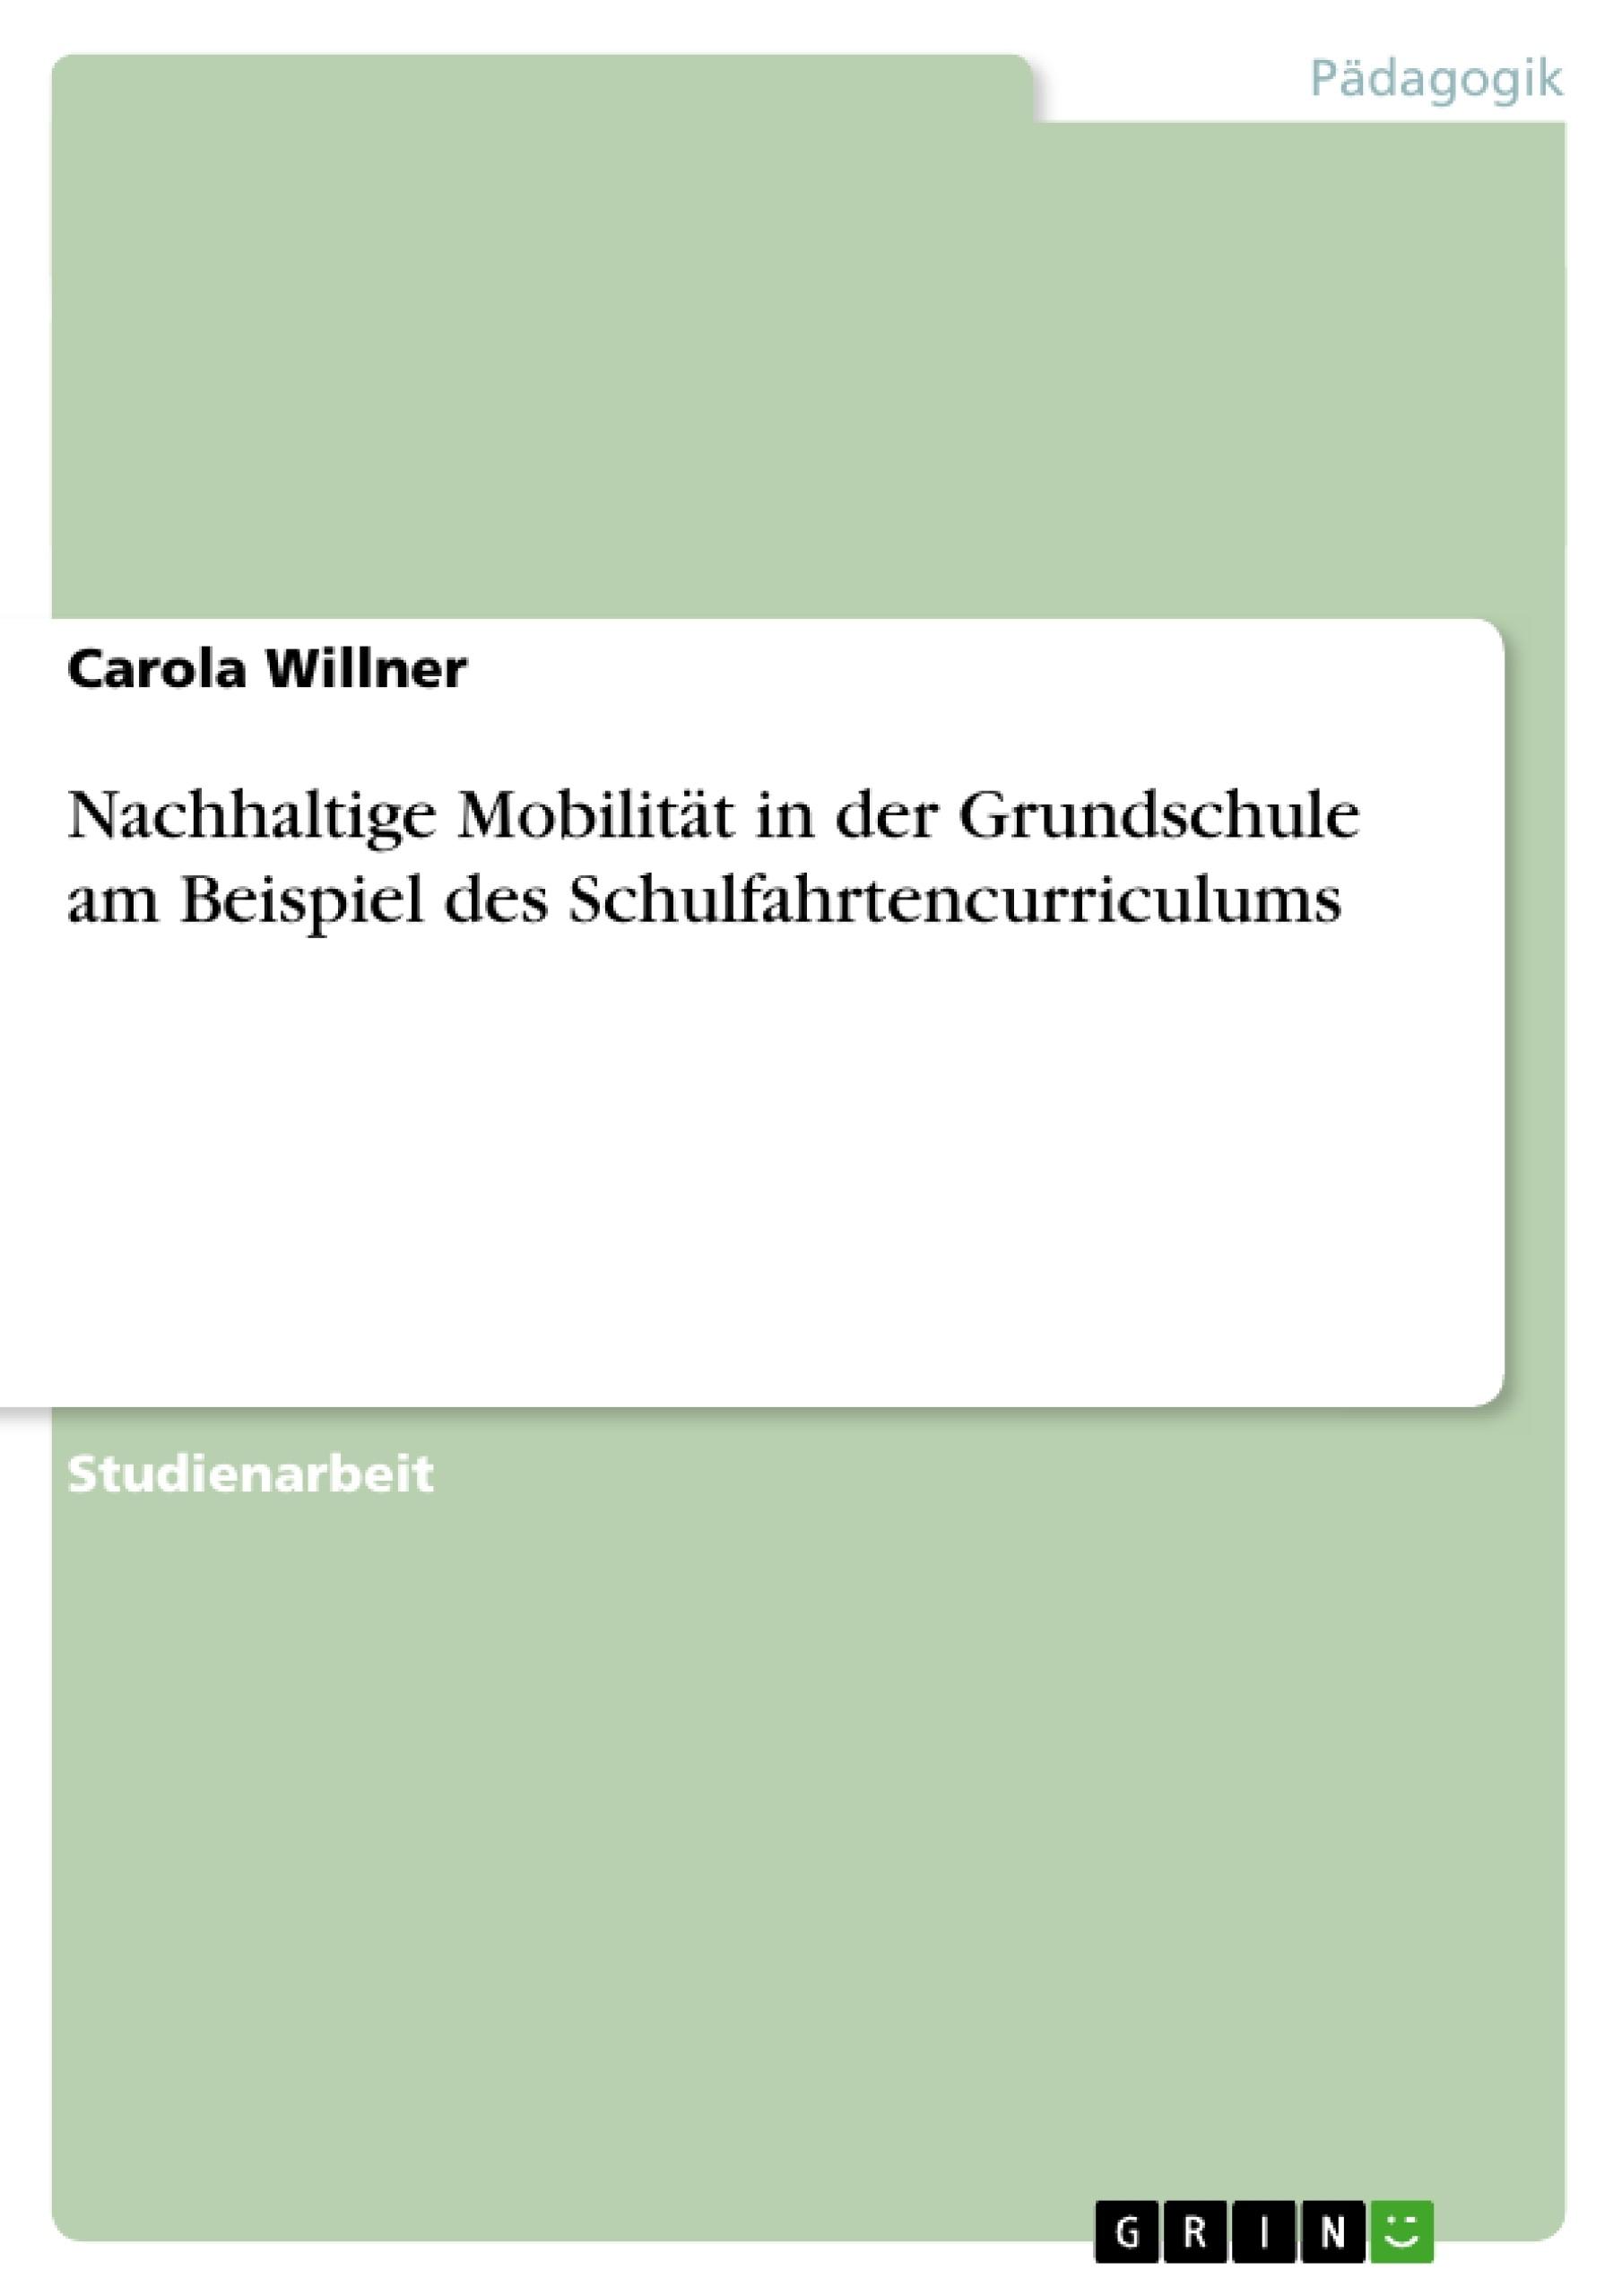 Titel: Nachhaltige Mobilität in der Grundschule am Beispiel des Schulfahrtencurriculums